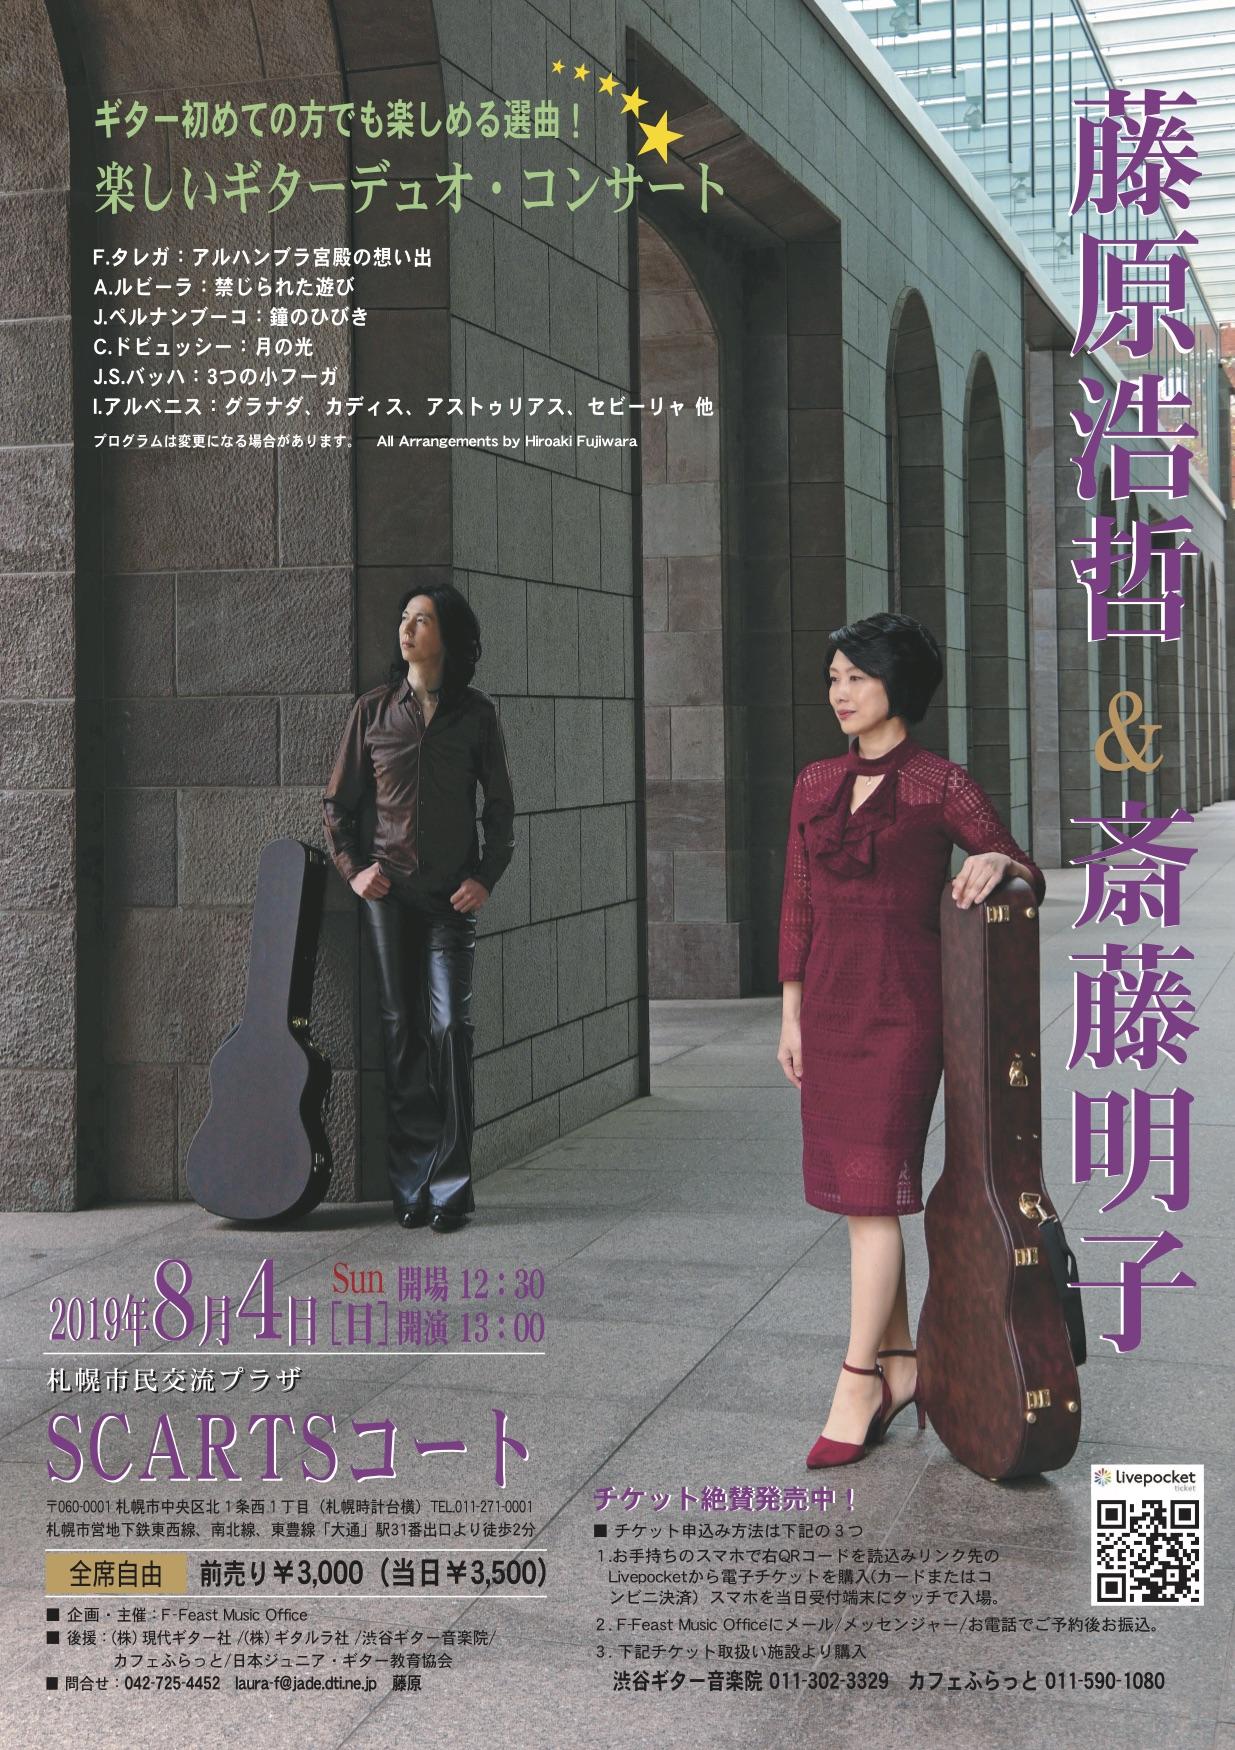 ギター初めての方でも楽しめる名曲コンサート!藤原浩哲&斎藤明子ギターデュオコンサートin北海道